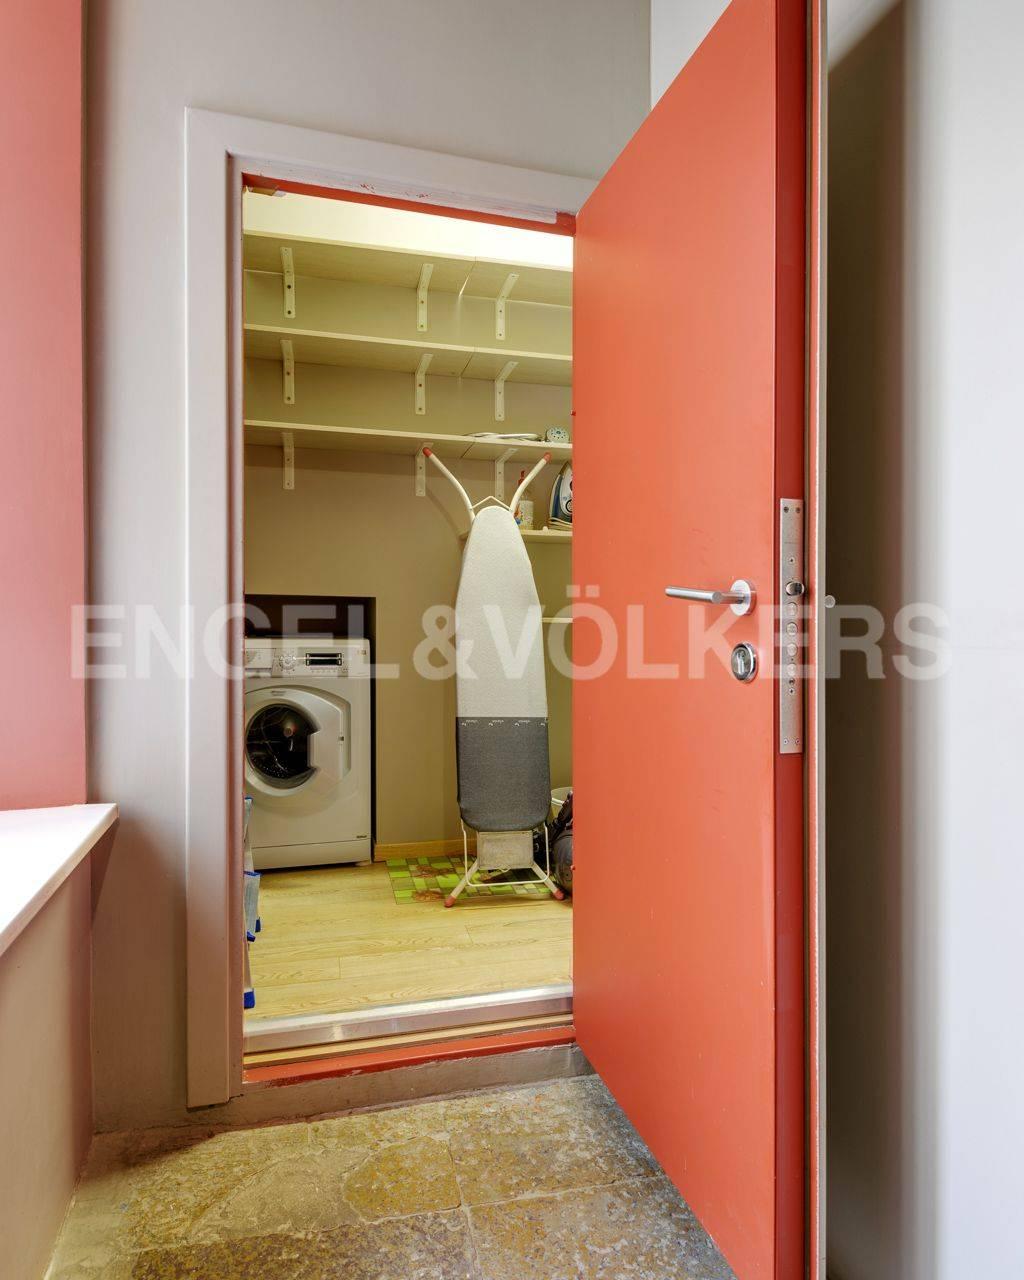 Элитные квартиры в Центральном районе. Санкт-Петербург, Наб. реки Мойки, 84. Собственная кладовая на этаже